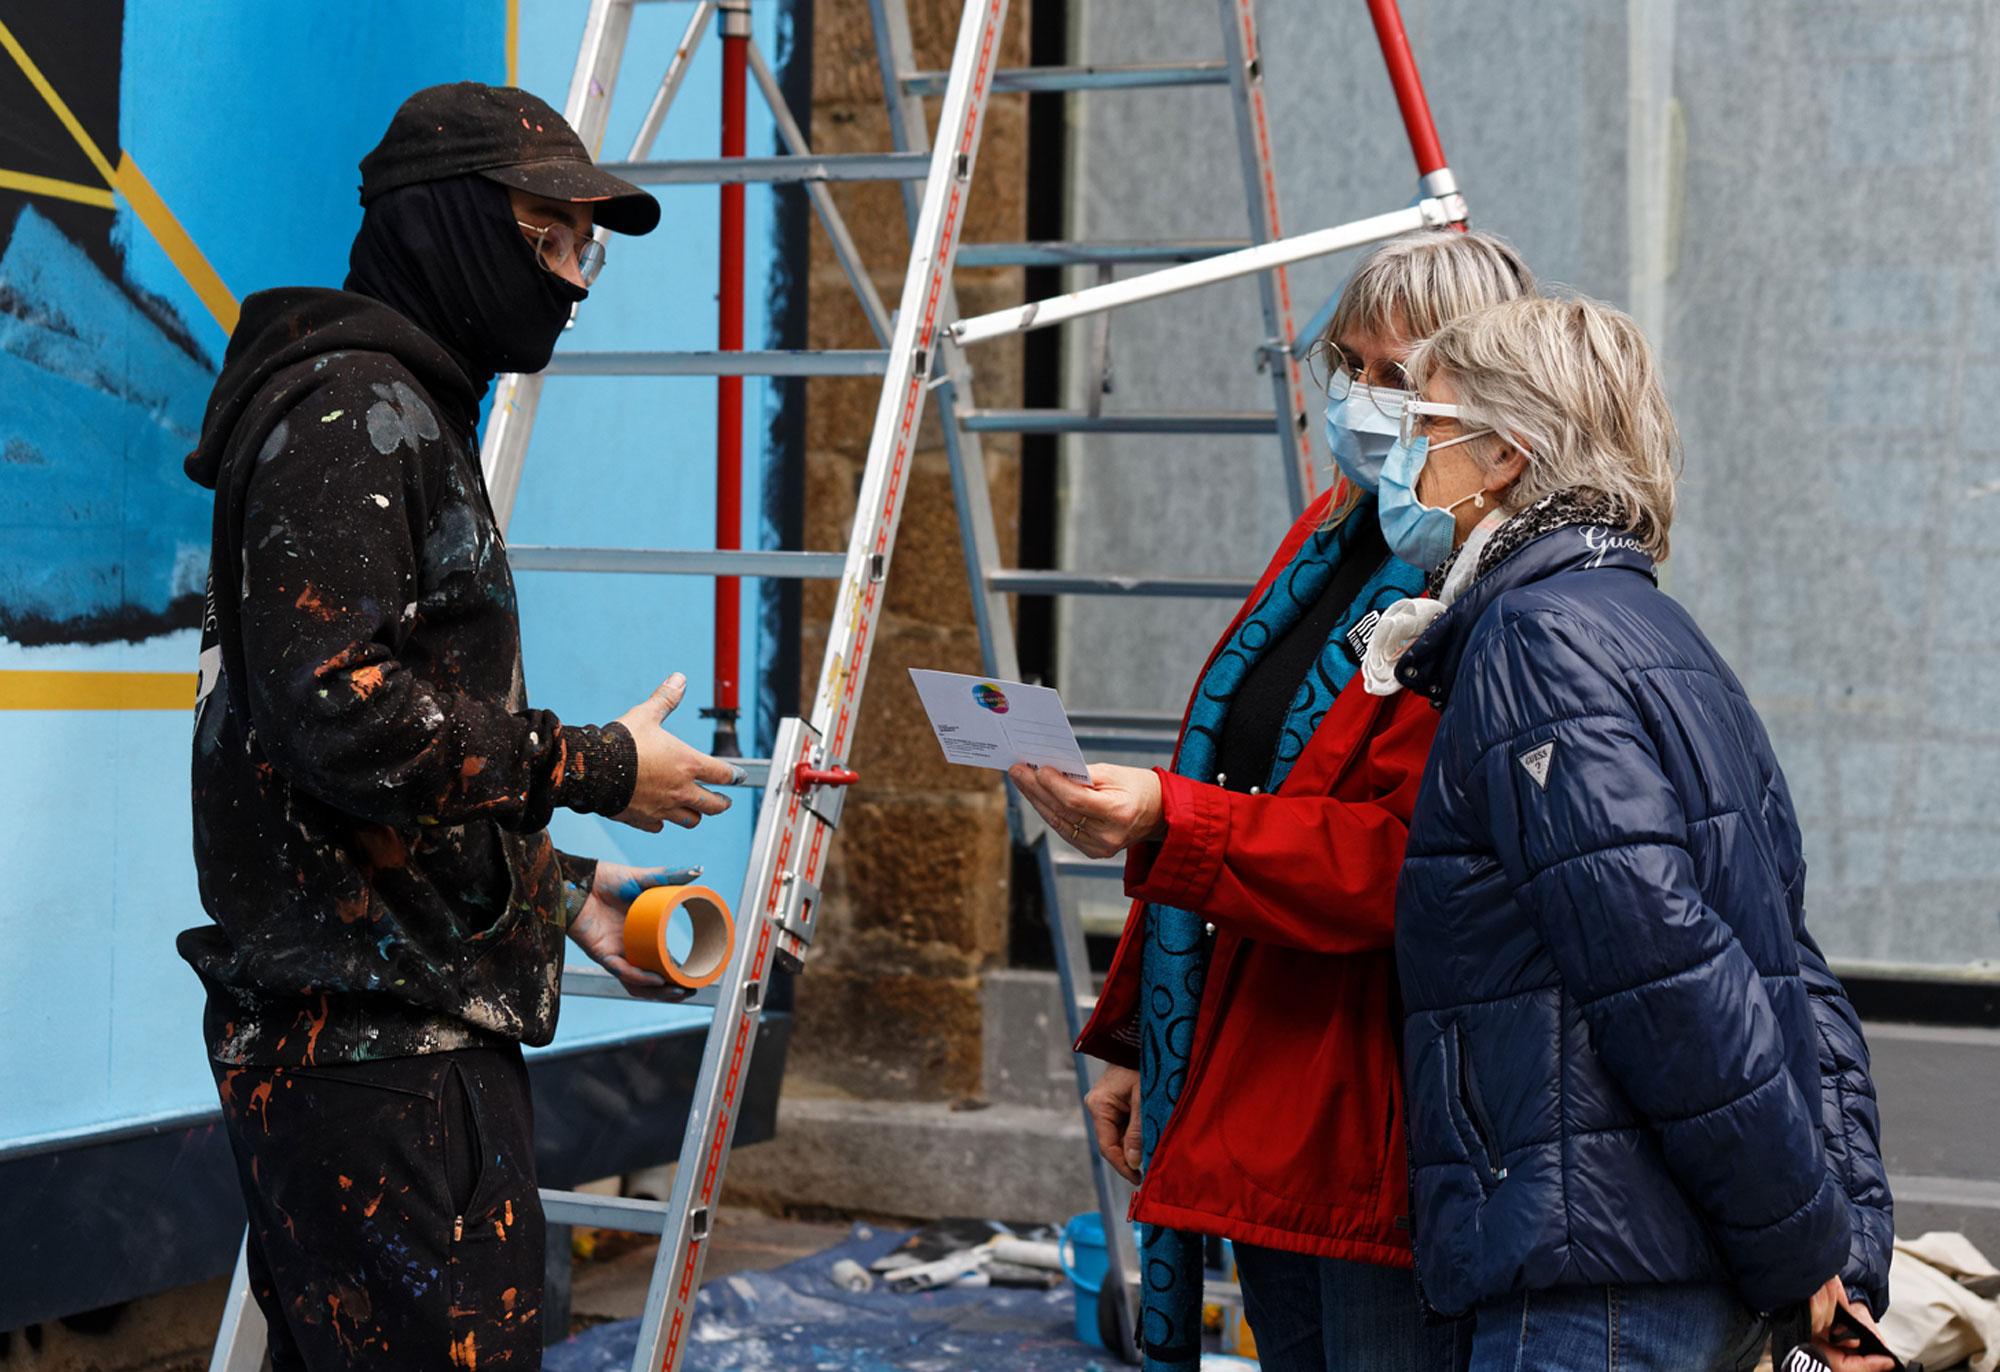 Felix Rodewaldt M.U.R de Rennes membres association - photo Monique Sammut